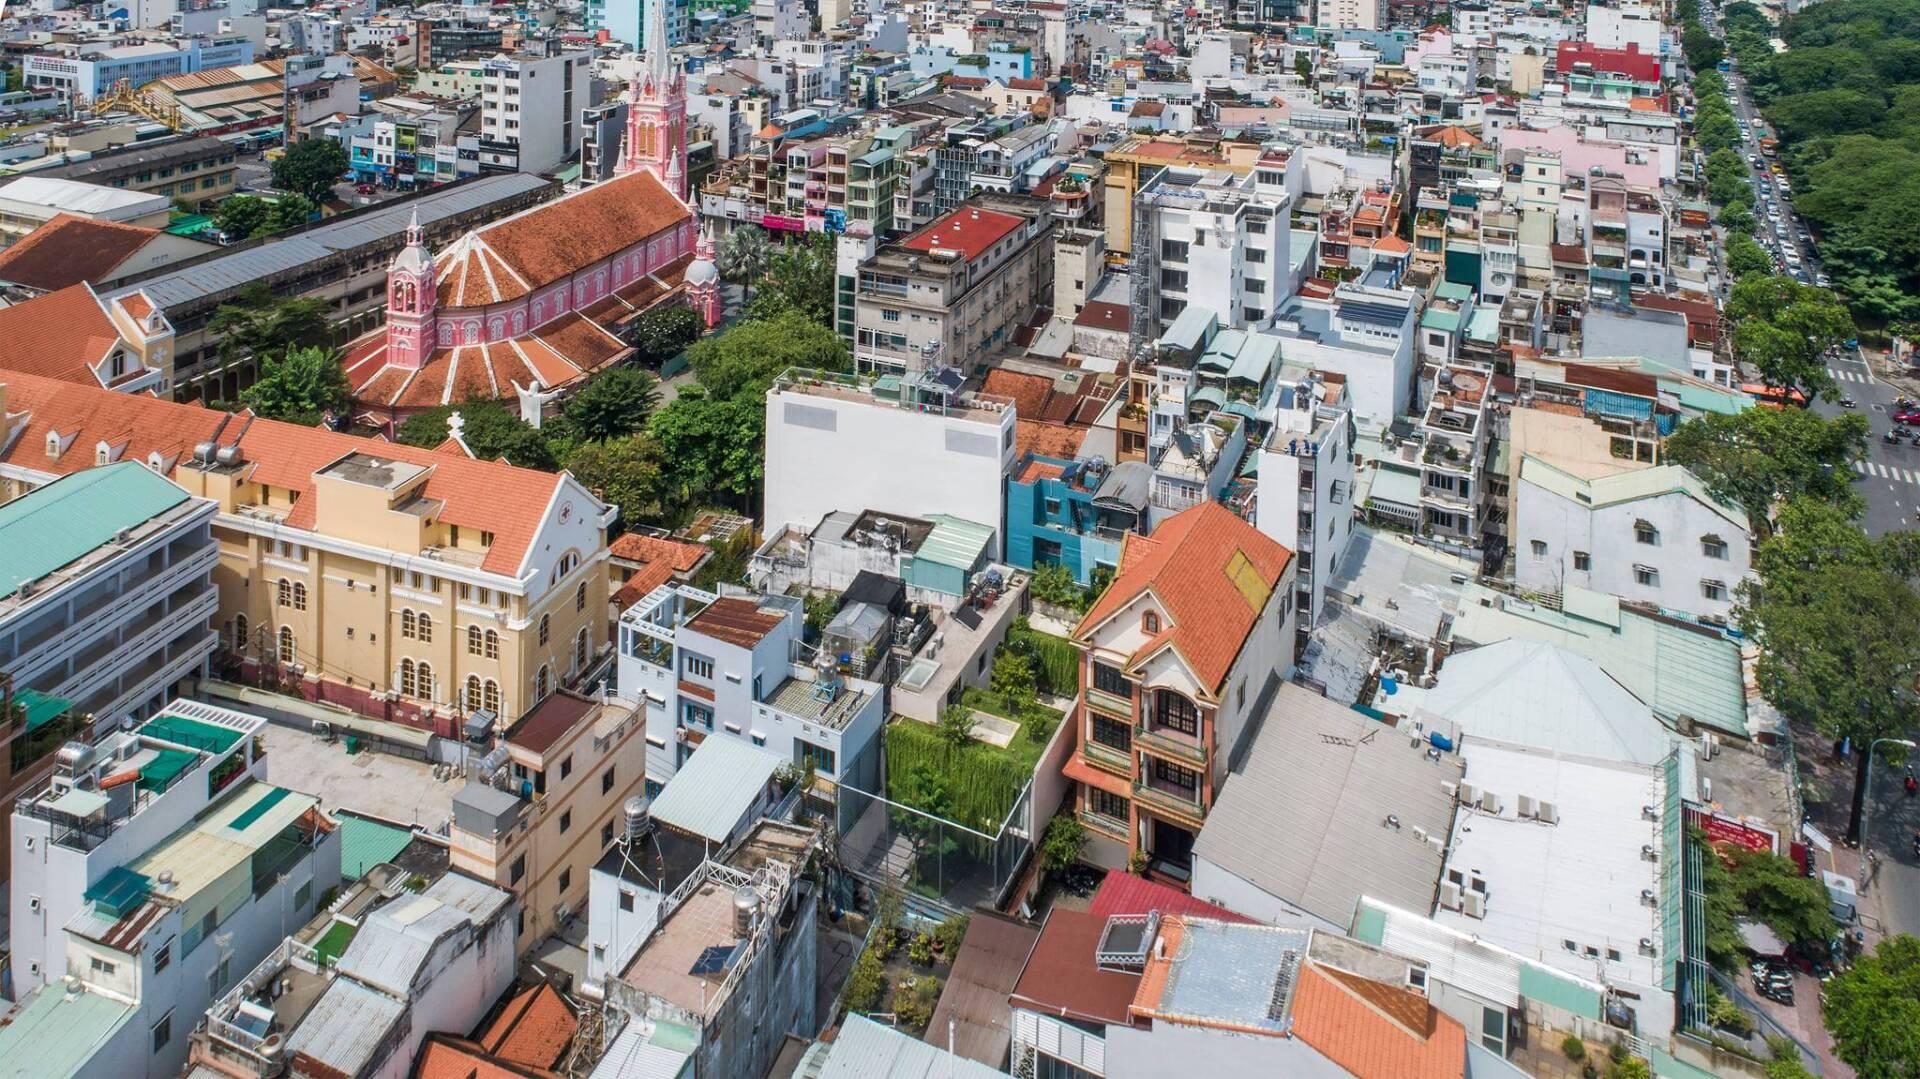 Giữa những căn nhà đậm chất đô thị, Tân Định Villa khác lạ với màu xanh mướt